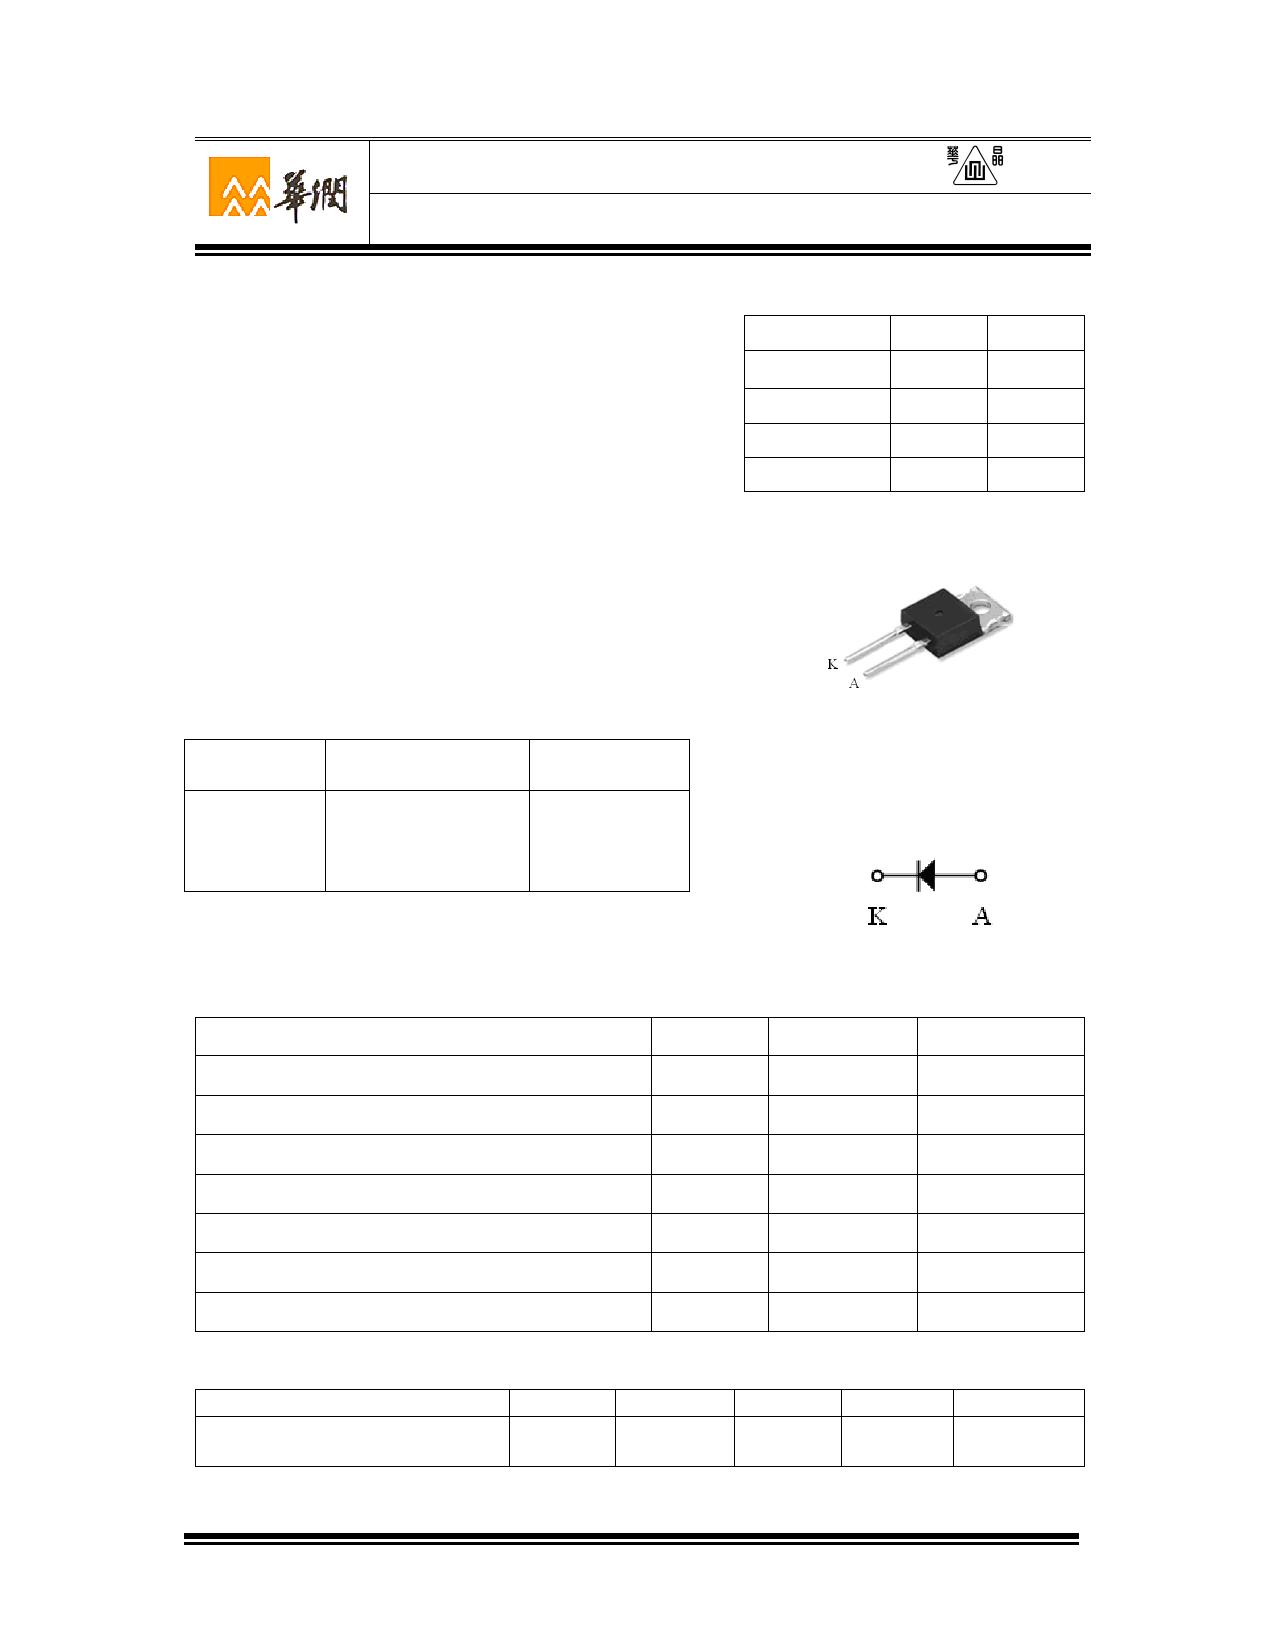 2CR106A8C Datasheet, 2CR106A8C PDF,ピン配置, 機能